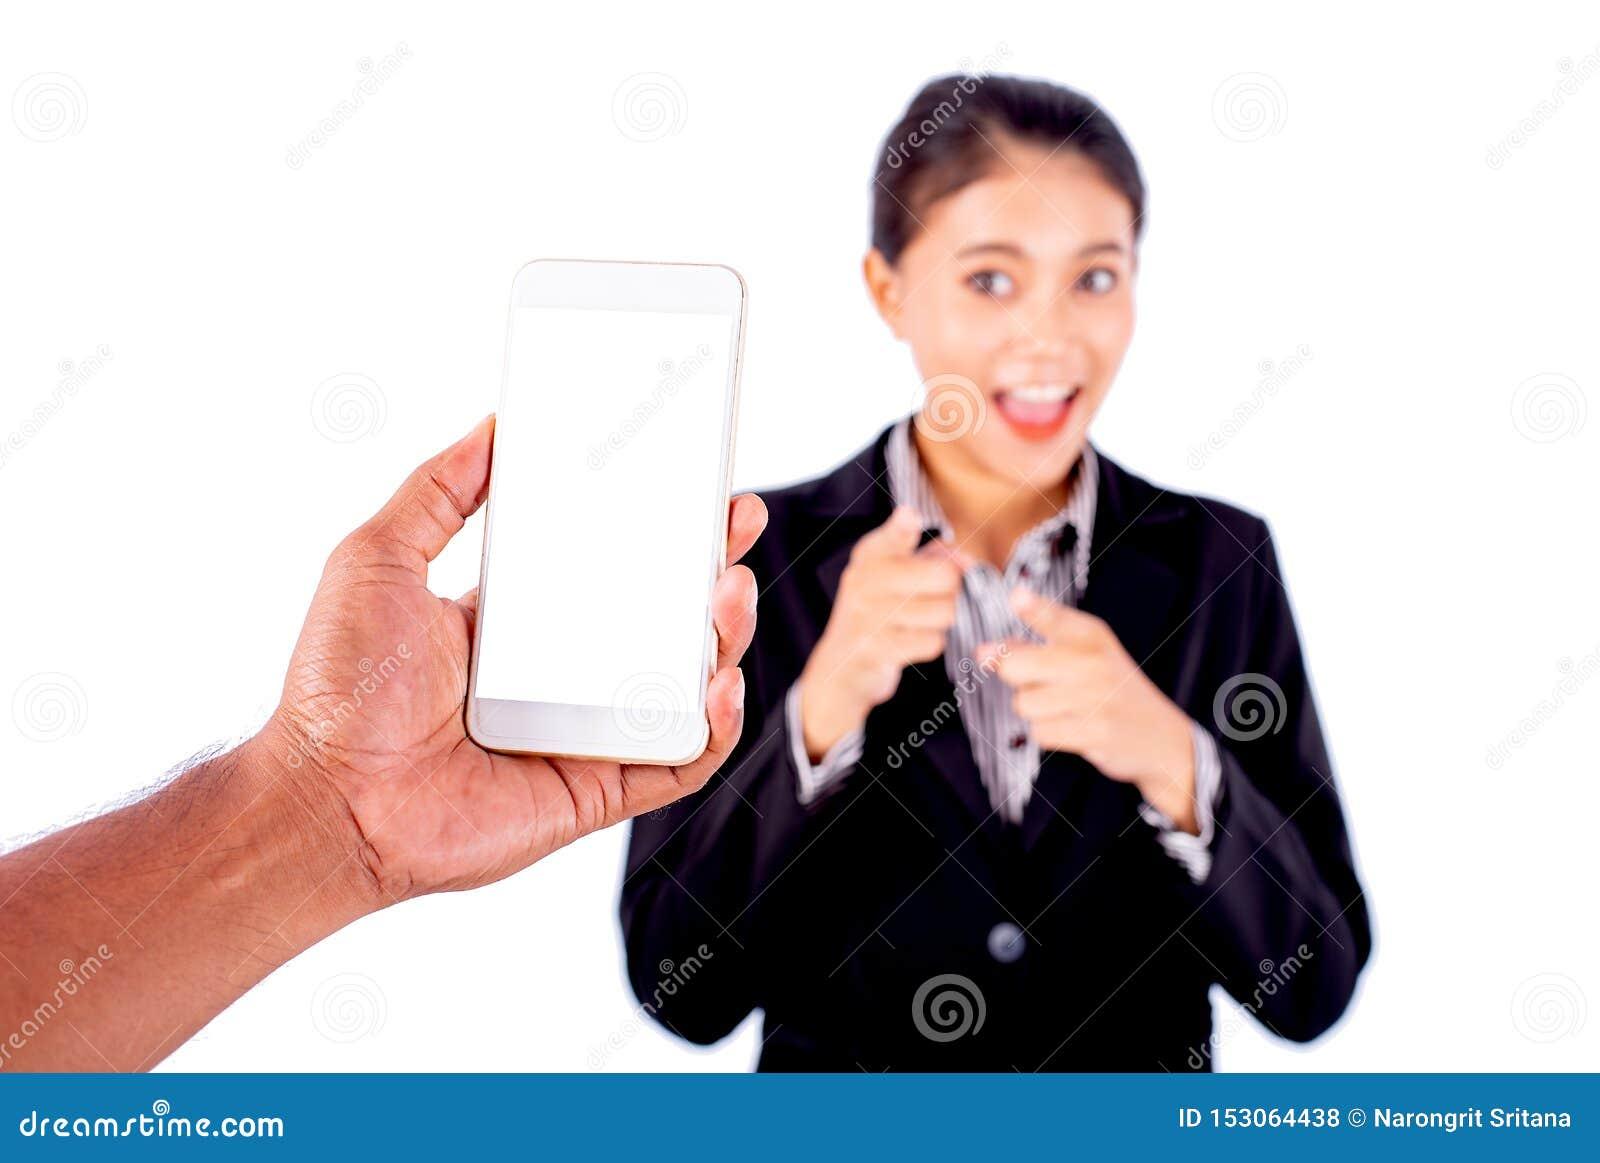 Prise de main d homme le téléphone portable pour prendre une photo de belle femme asiatique d affaires qui indiquent le téléphone